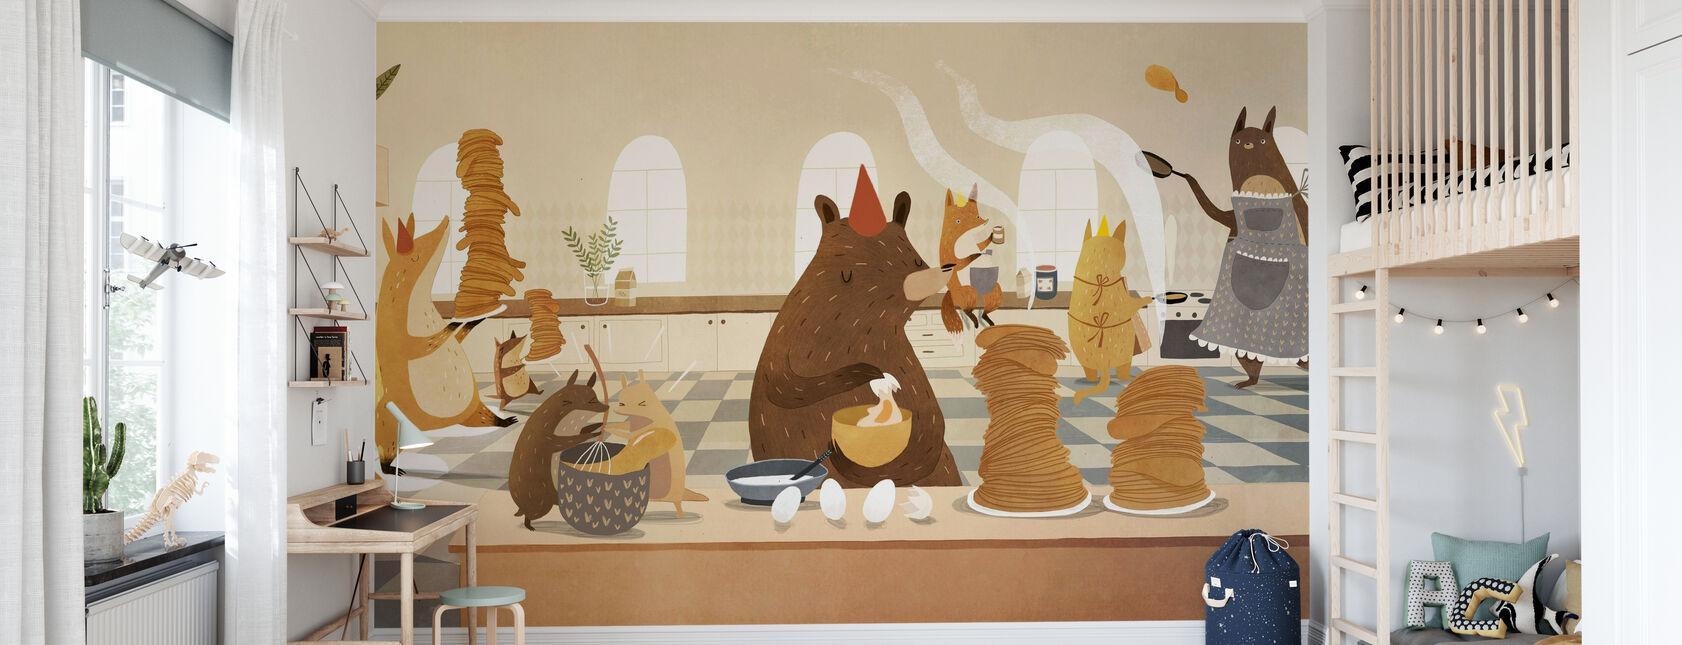 Flipping Pfannkuchen Freunde - Tapete - Kinderzimmer